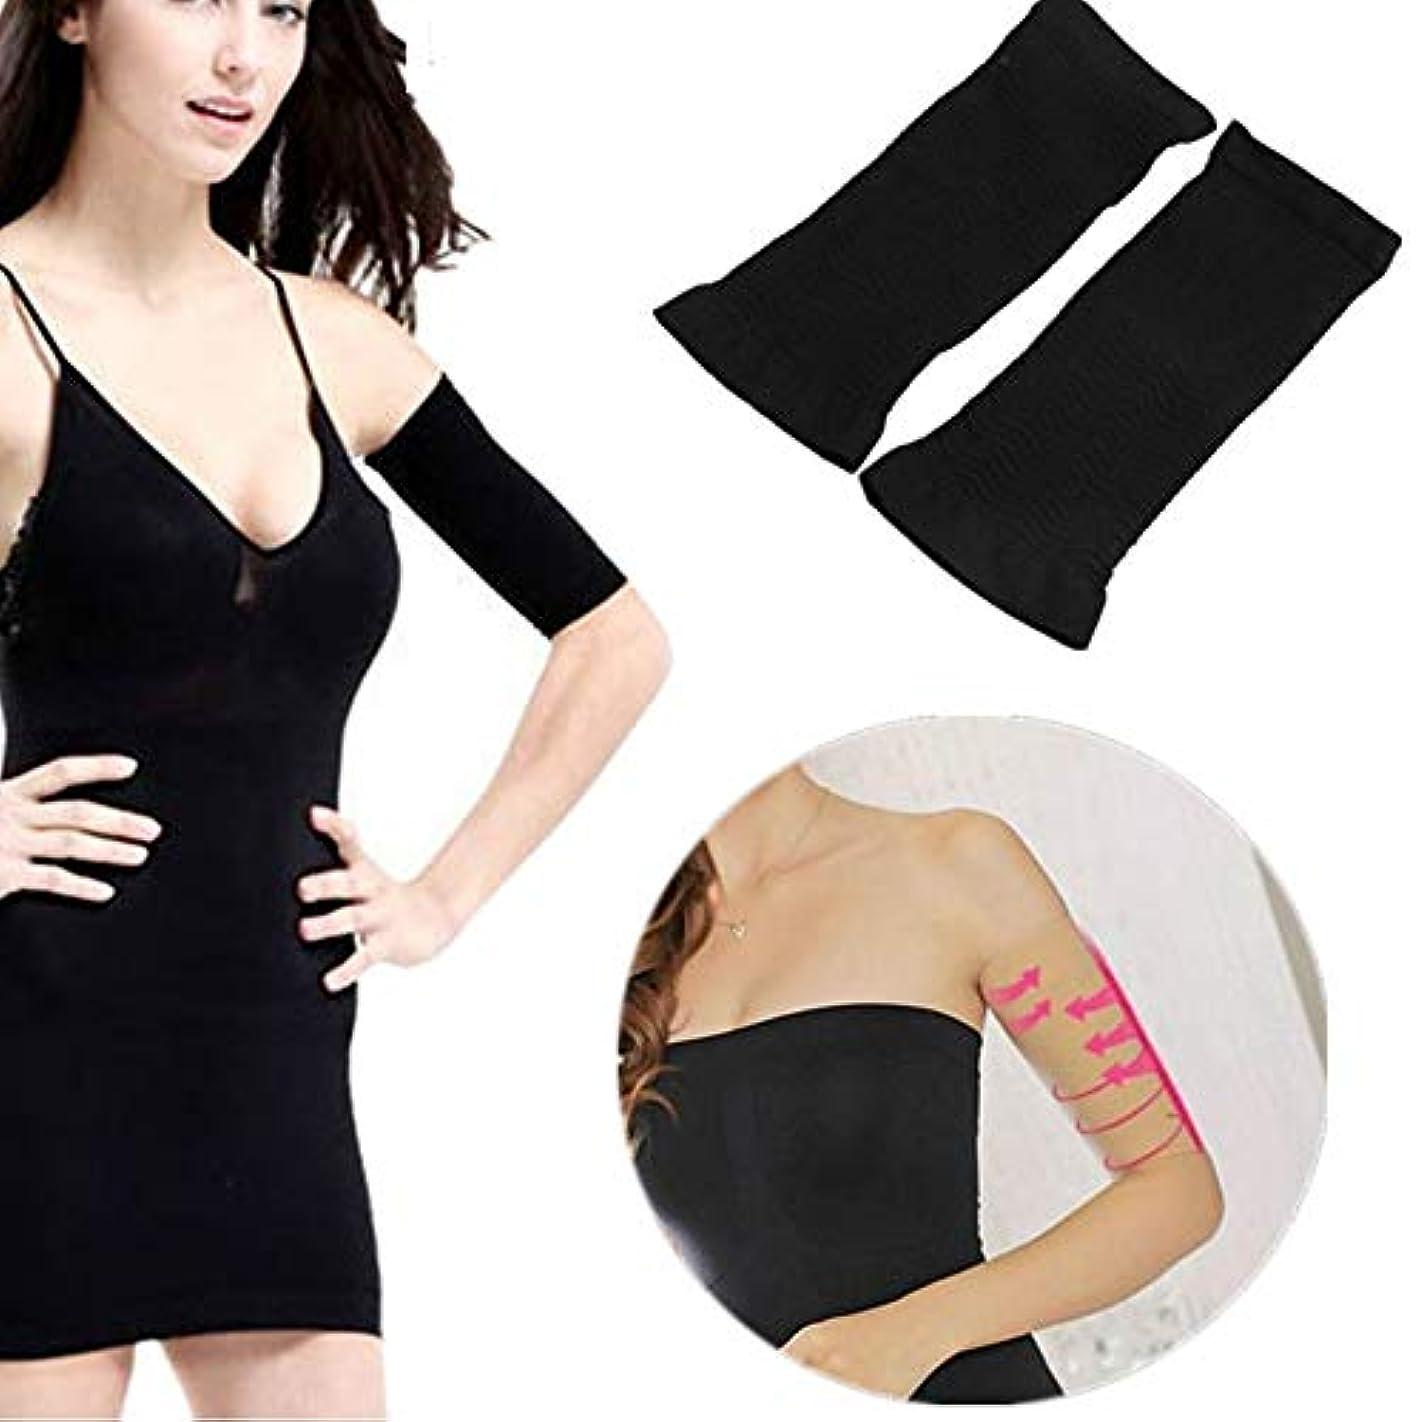 すべてメタルライン実業家2ピース女性減量アームシェイパー脂肪バスターオフセルライト痩身ラップベルトバンドフェイスリフトツール,A